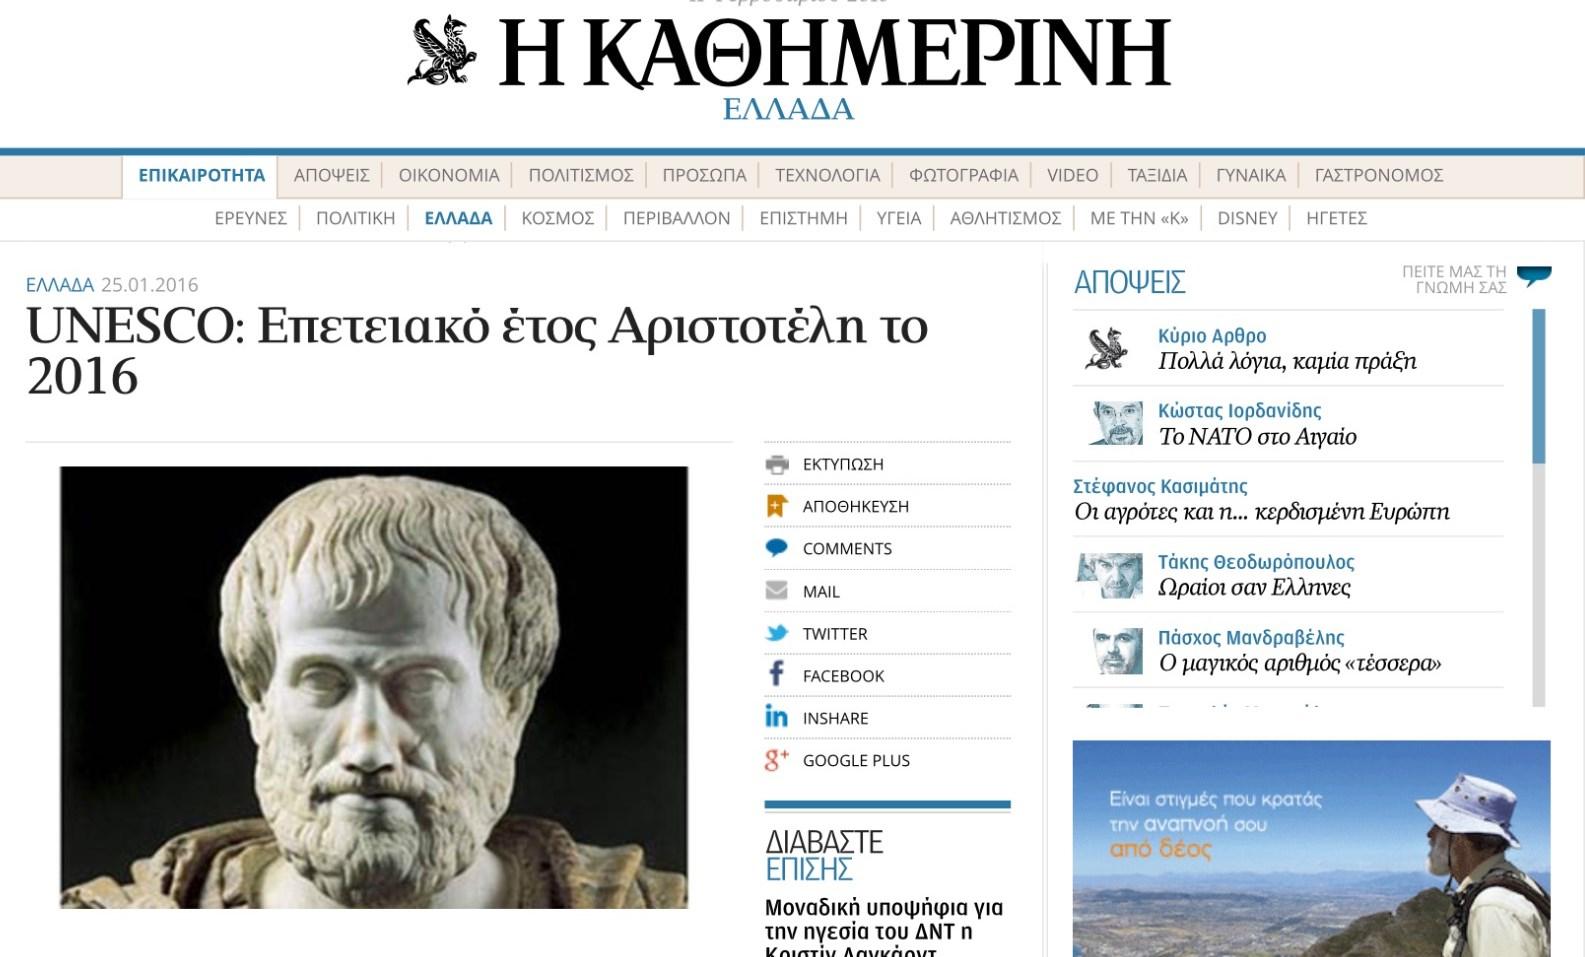 UNESCO: Επετειακό έτος Αριστοτέλη το 2016